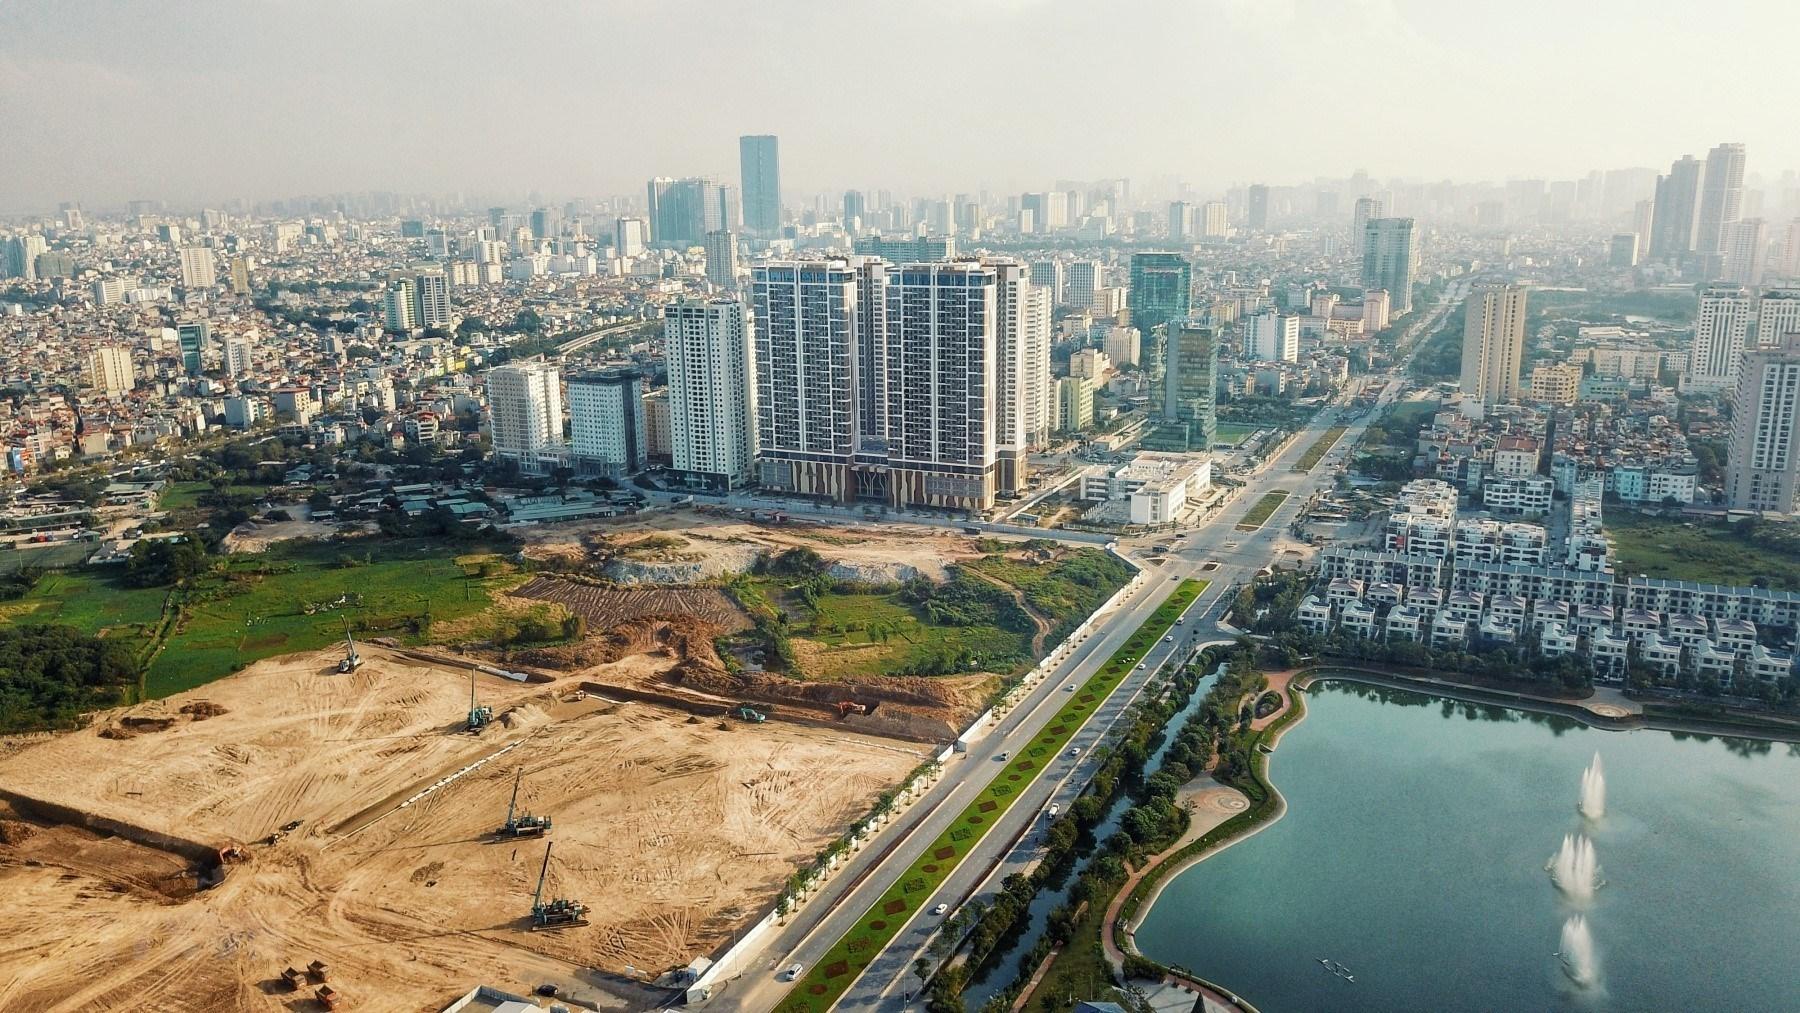 Hạ tầng ảnh hưởng rất nhiều đến sự tăng giá của đất nền